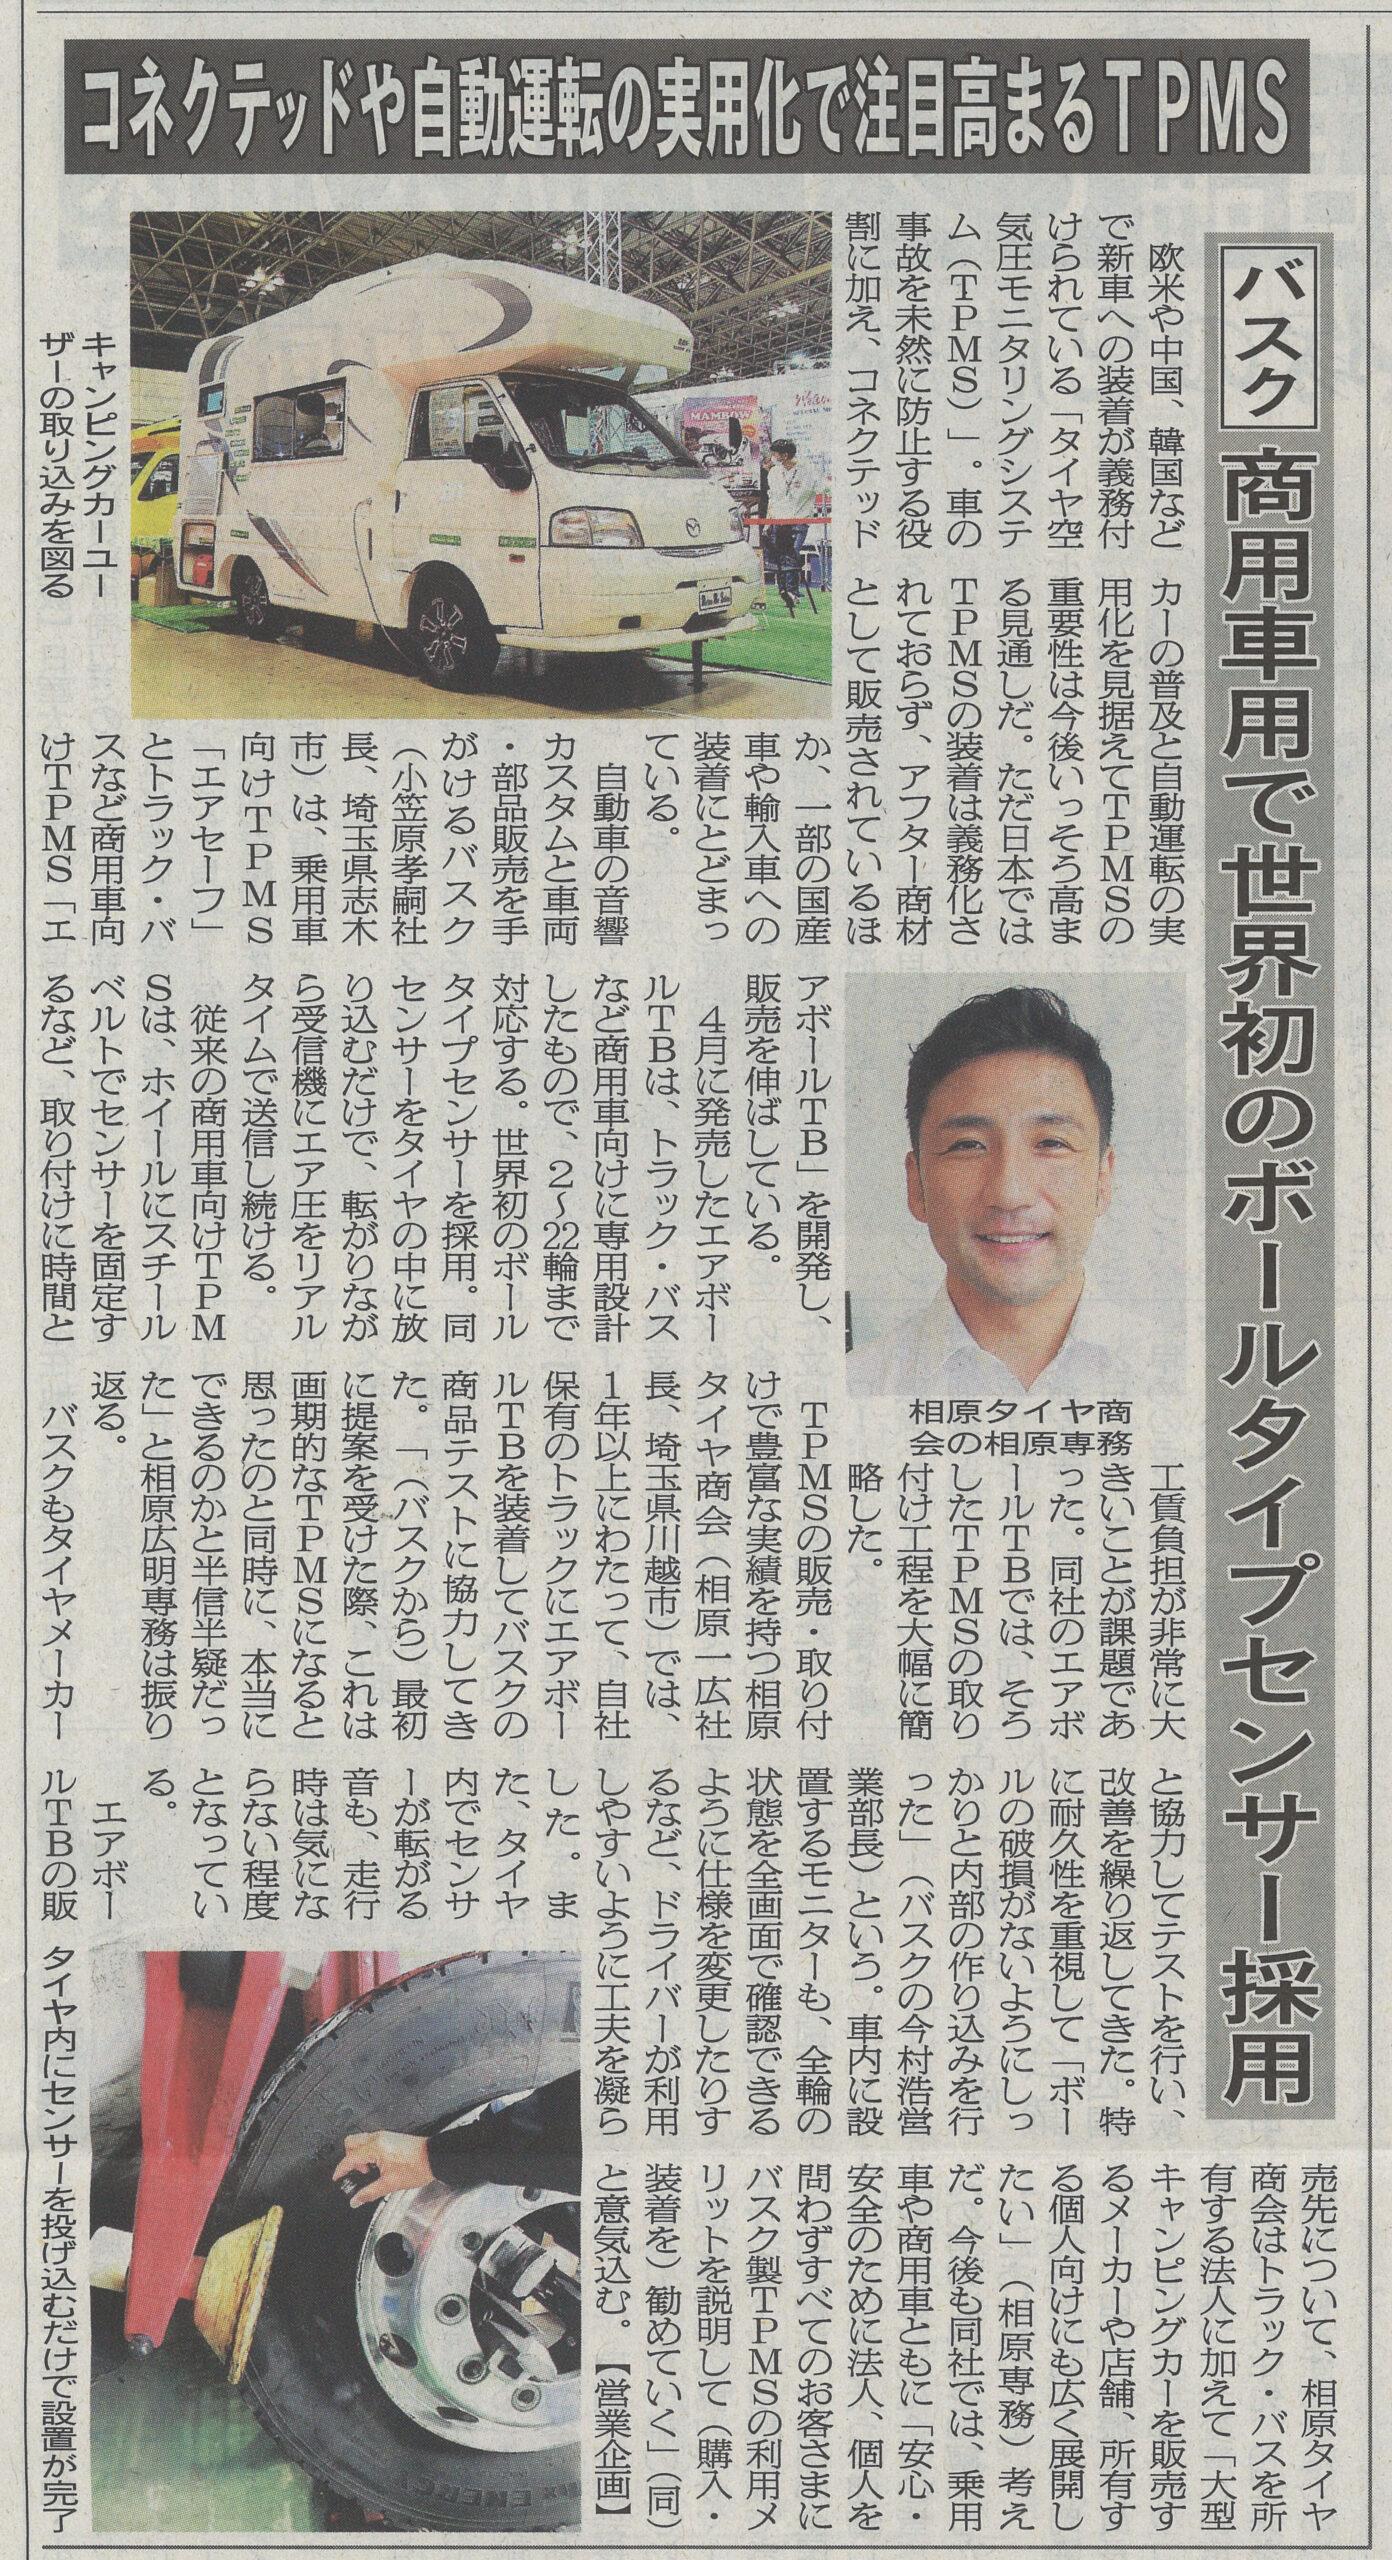 日刊自動車新聞 相広タイヤ 口コミ